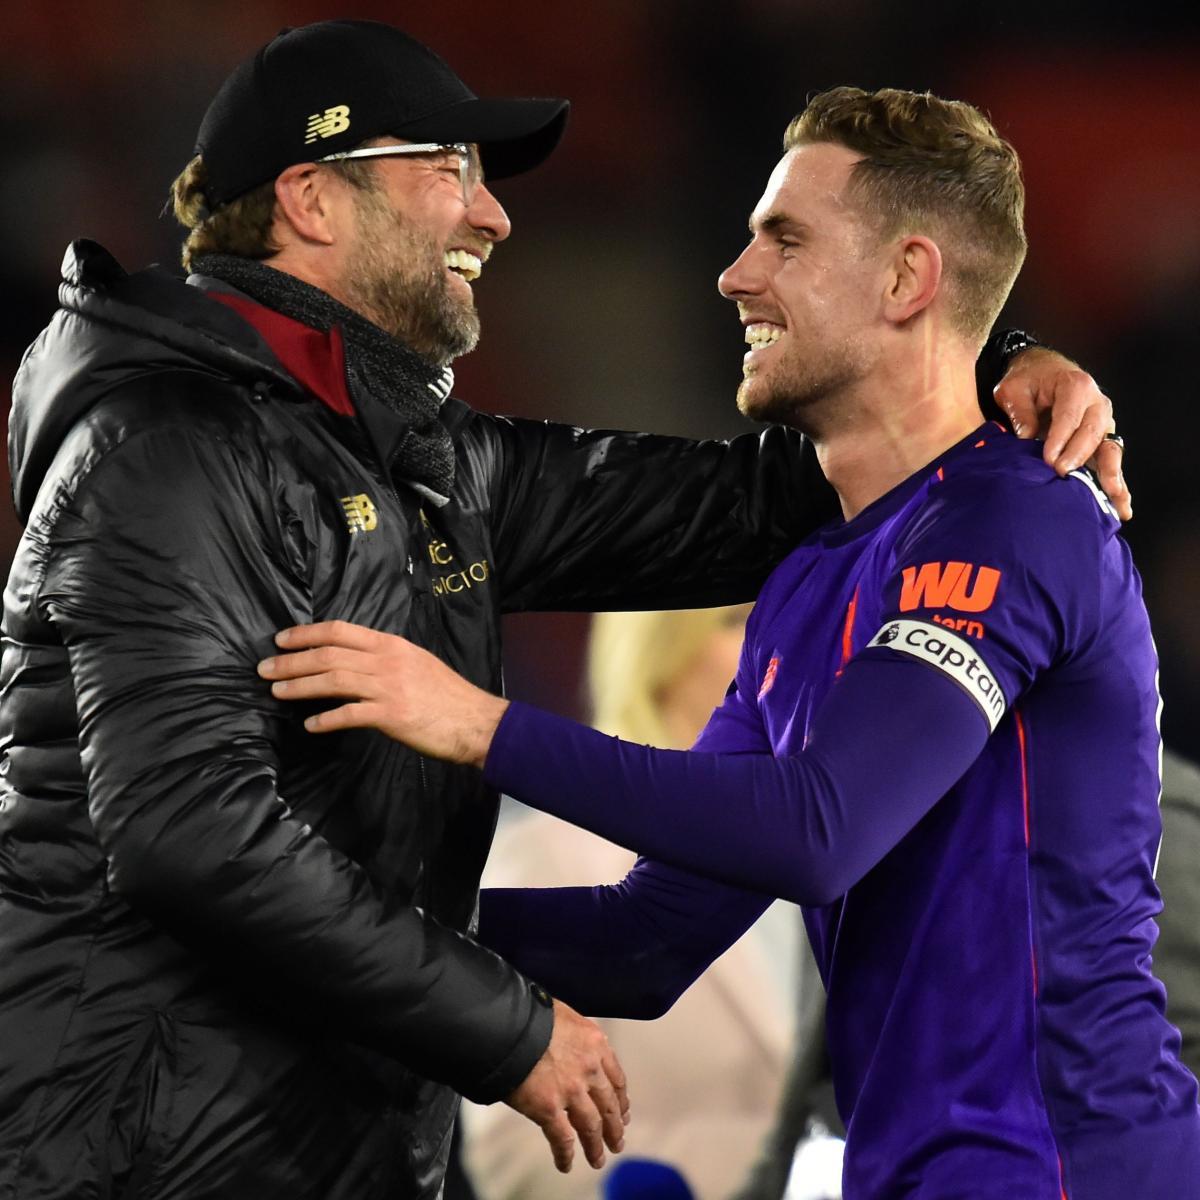 Flights From Liverpool To Madrid Rocket After Klopp S Side: Jurgen Klopp Talks 'Ambitious' Liverpool, Praises Jordan